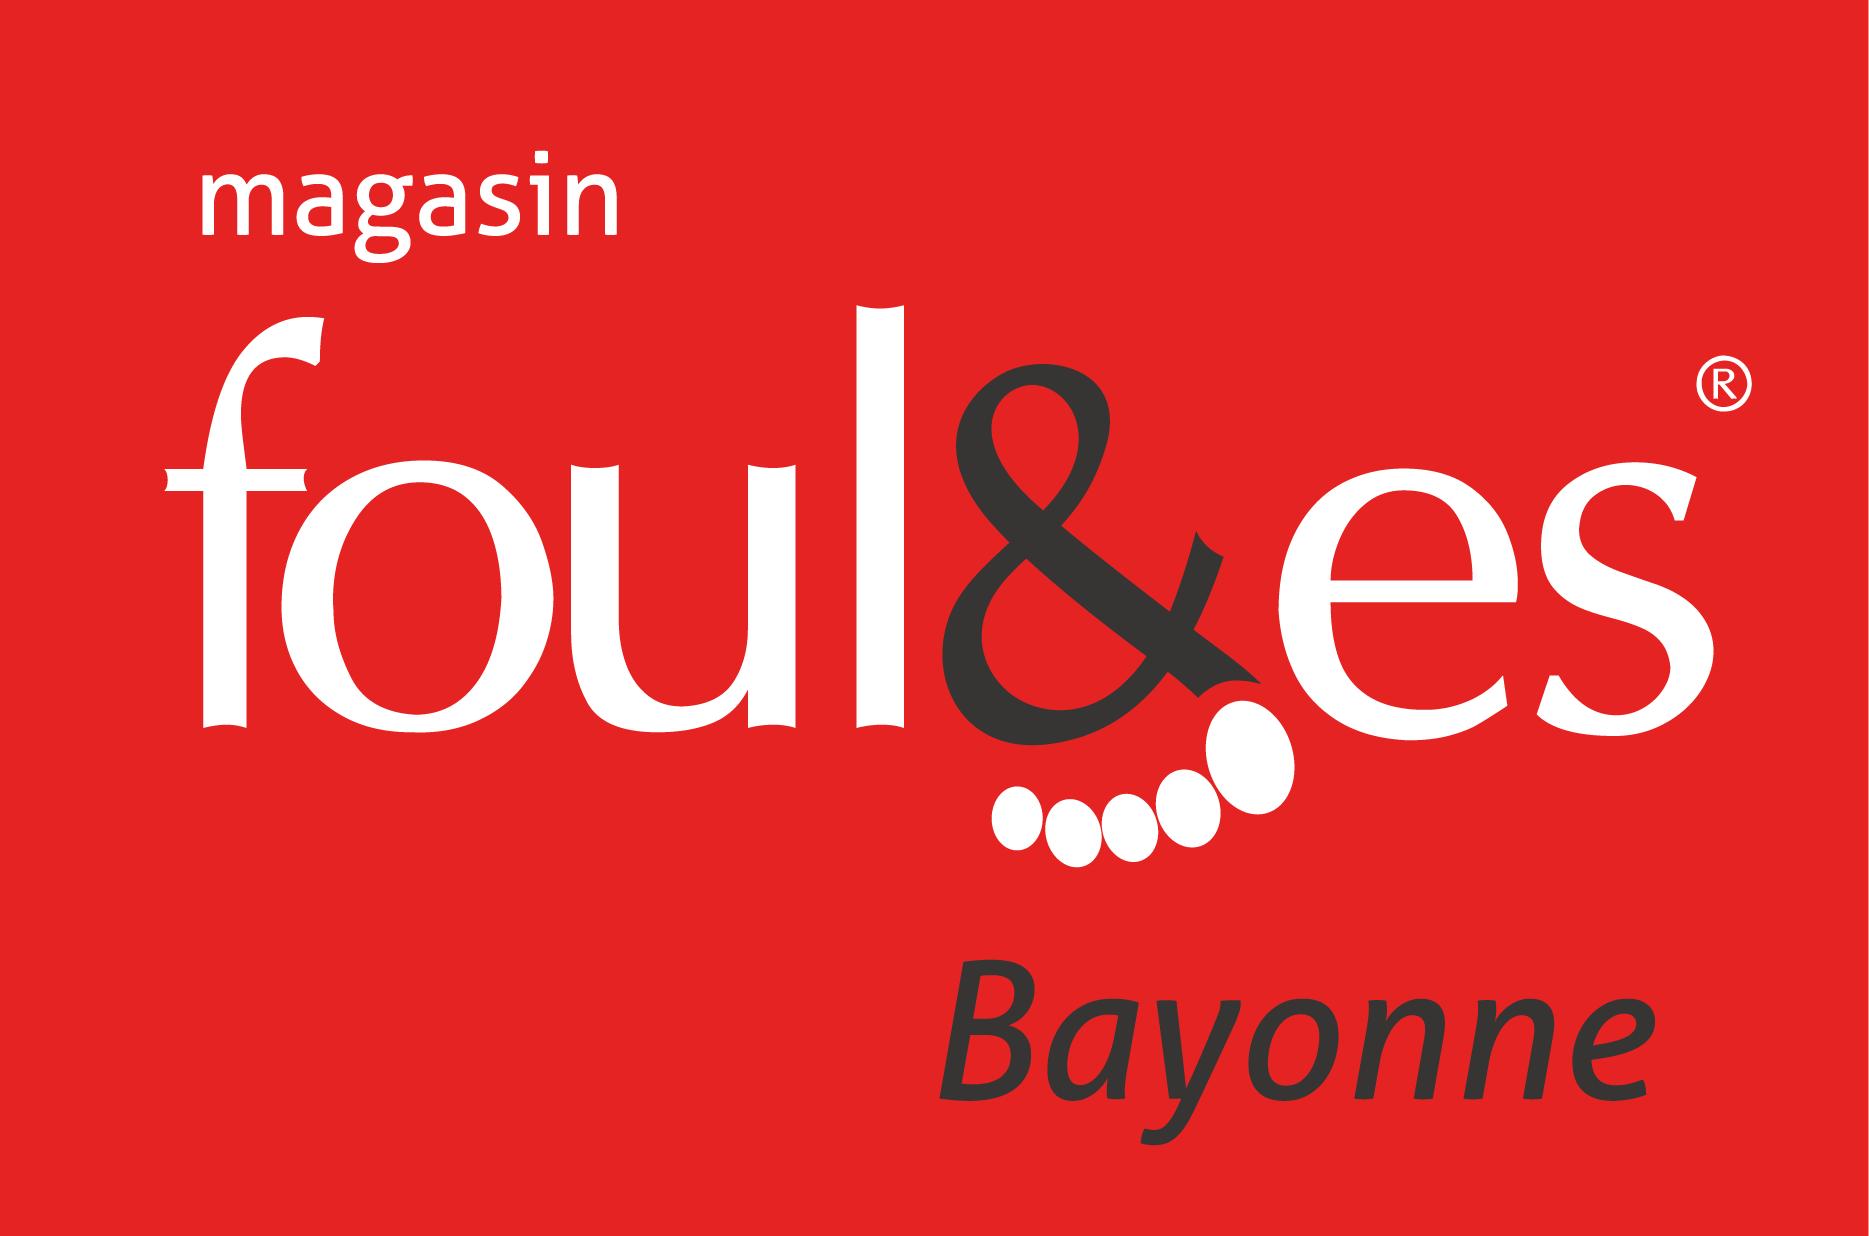 Foulées Bayonne